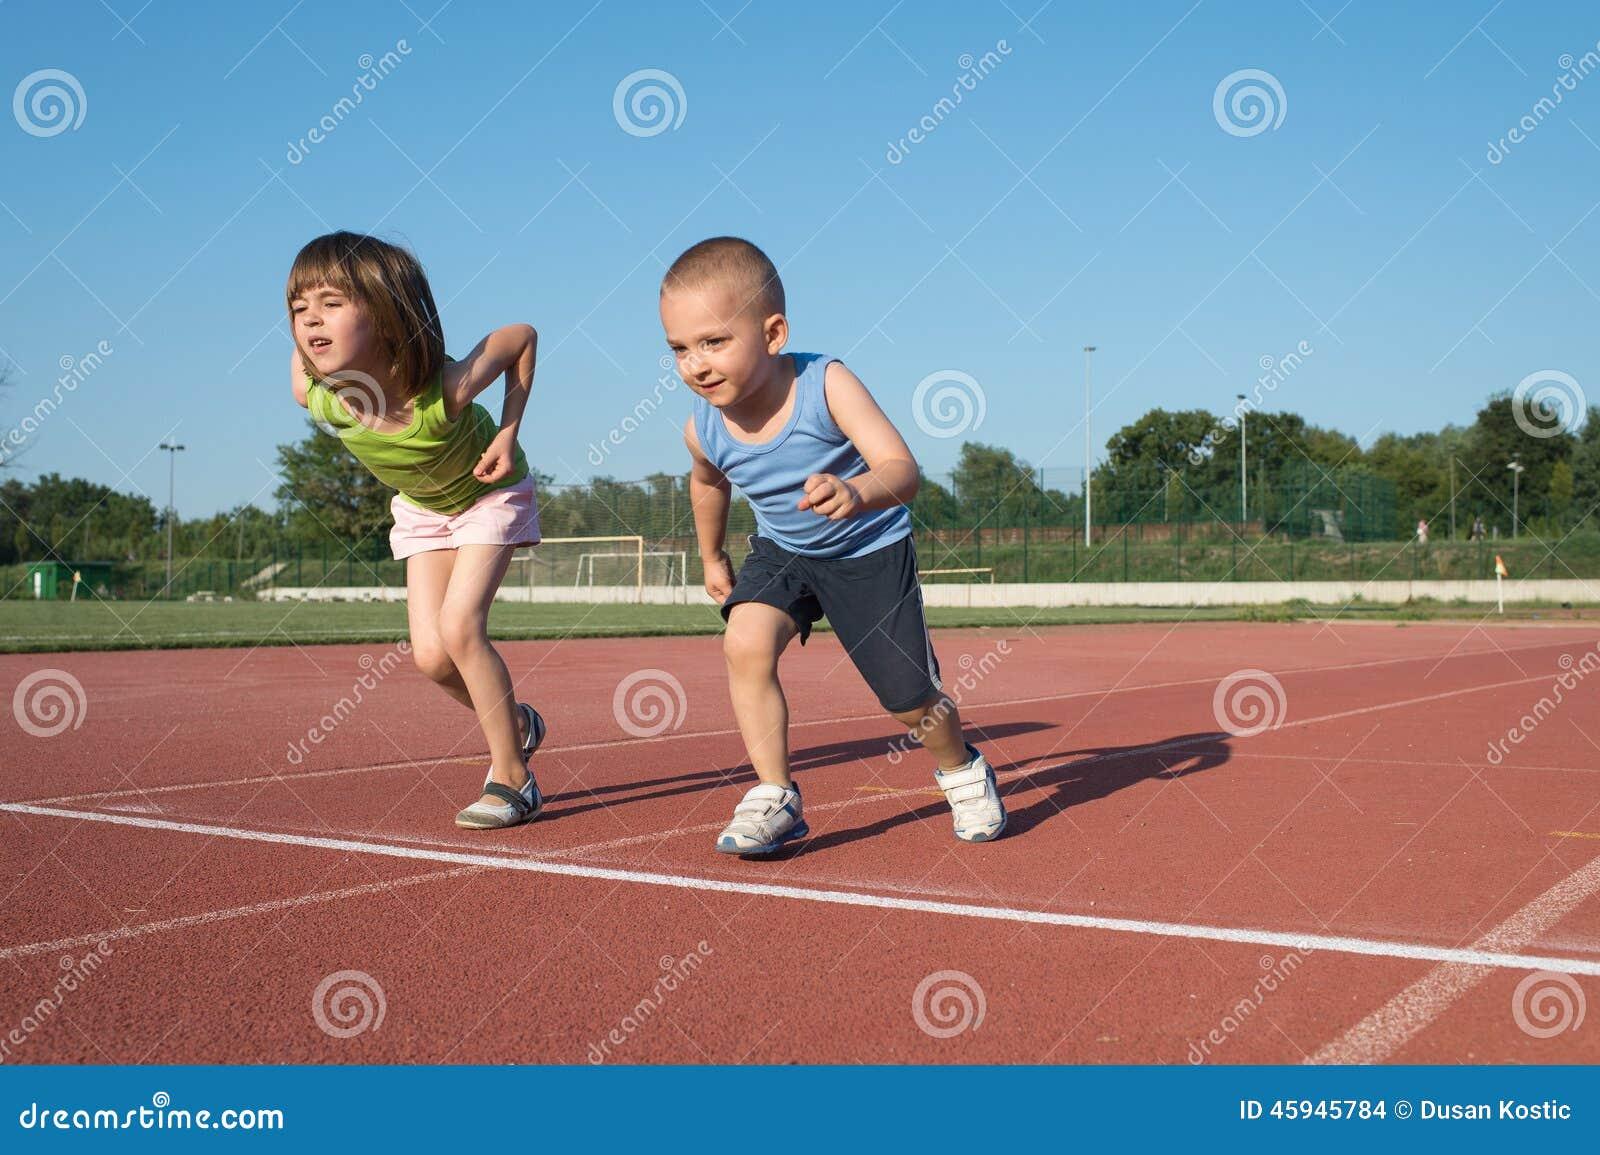 Children Running Stock Photo - Image: 45945784